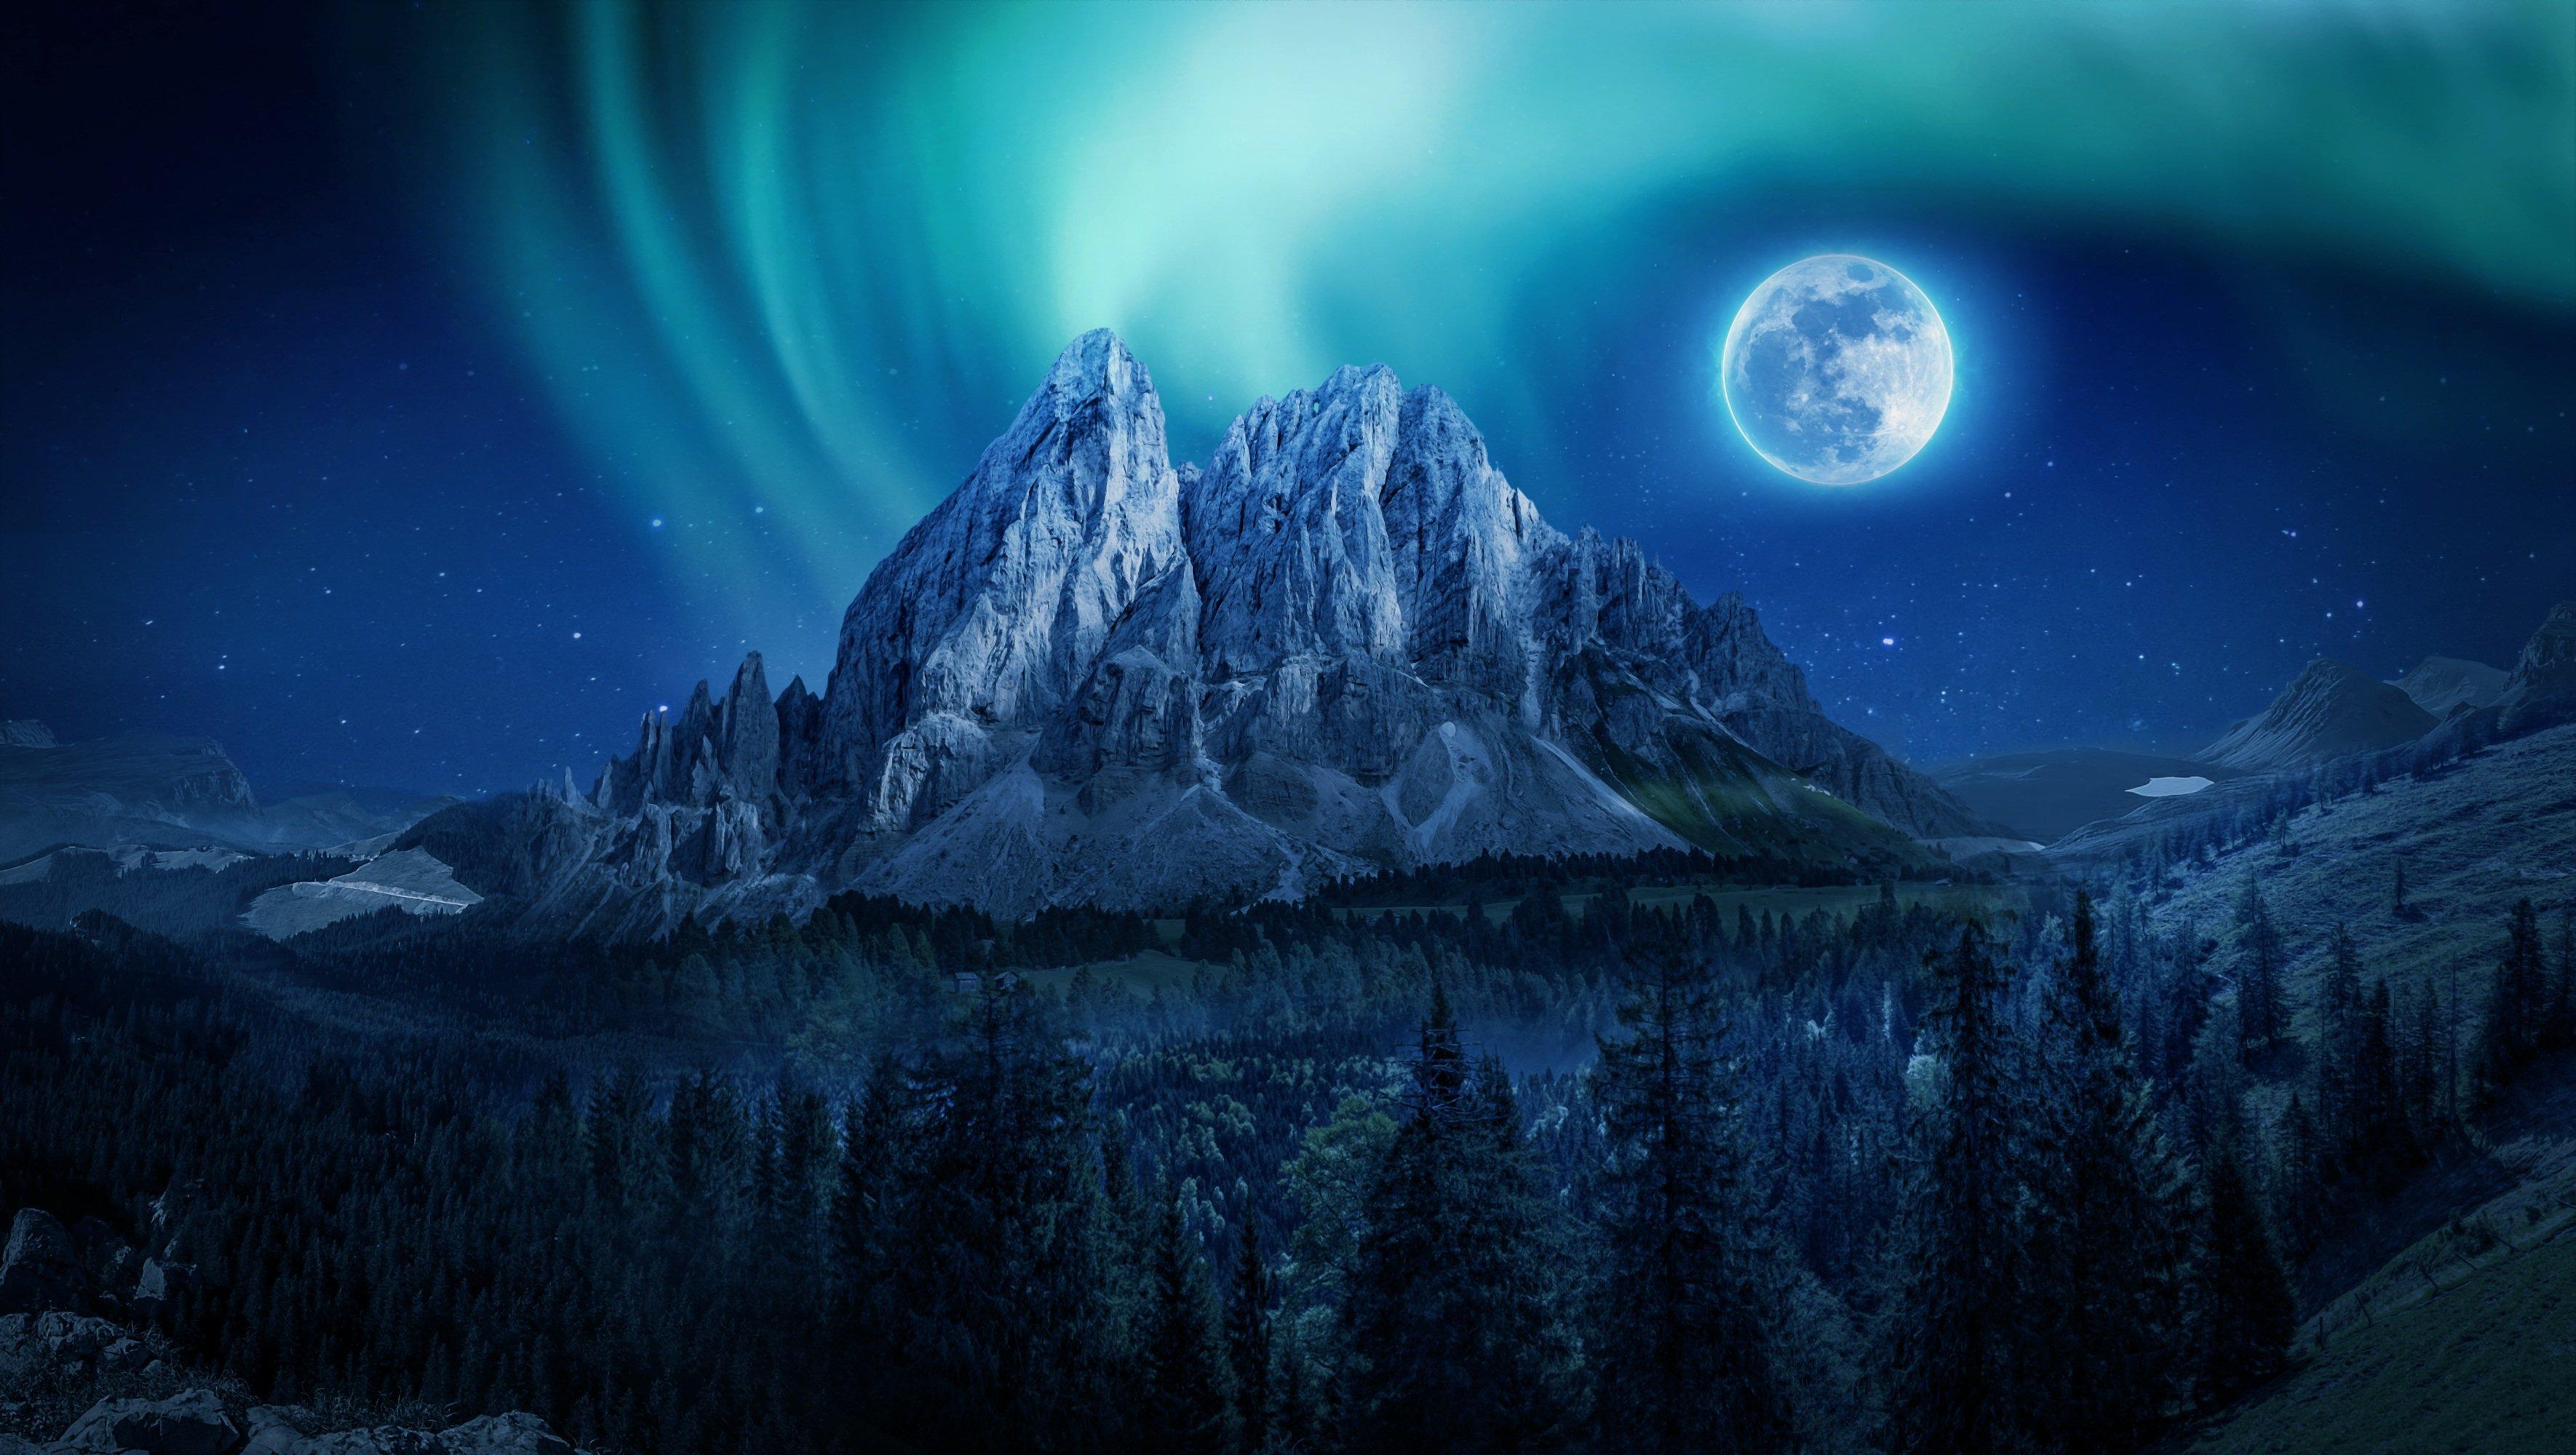 Wallpaper Moon next to mountain